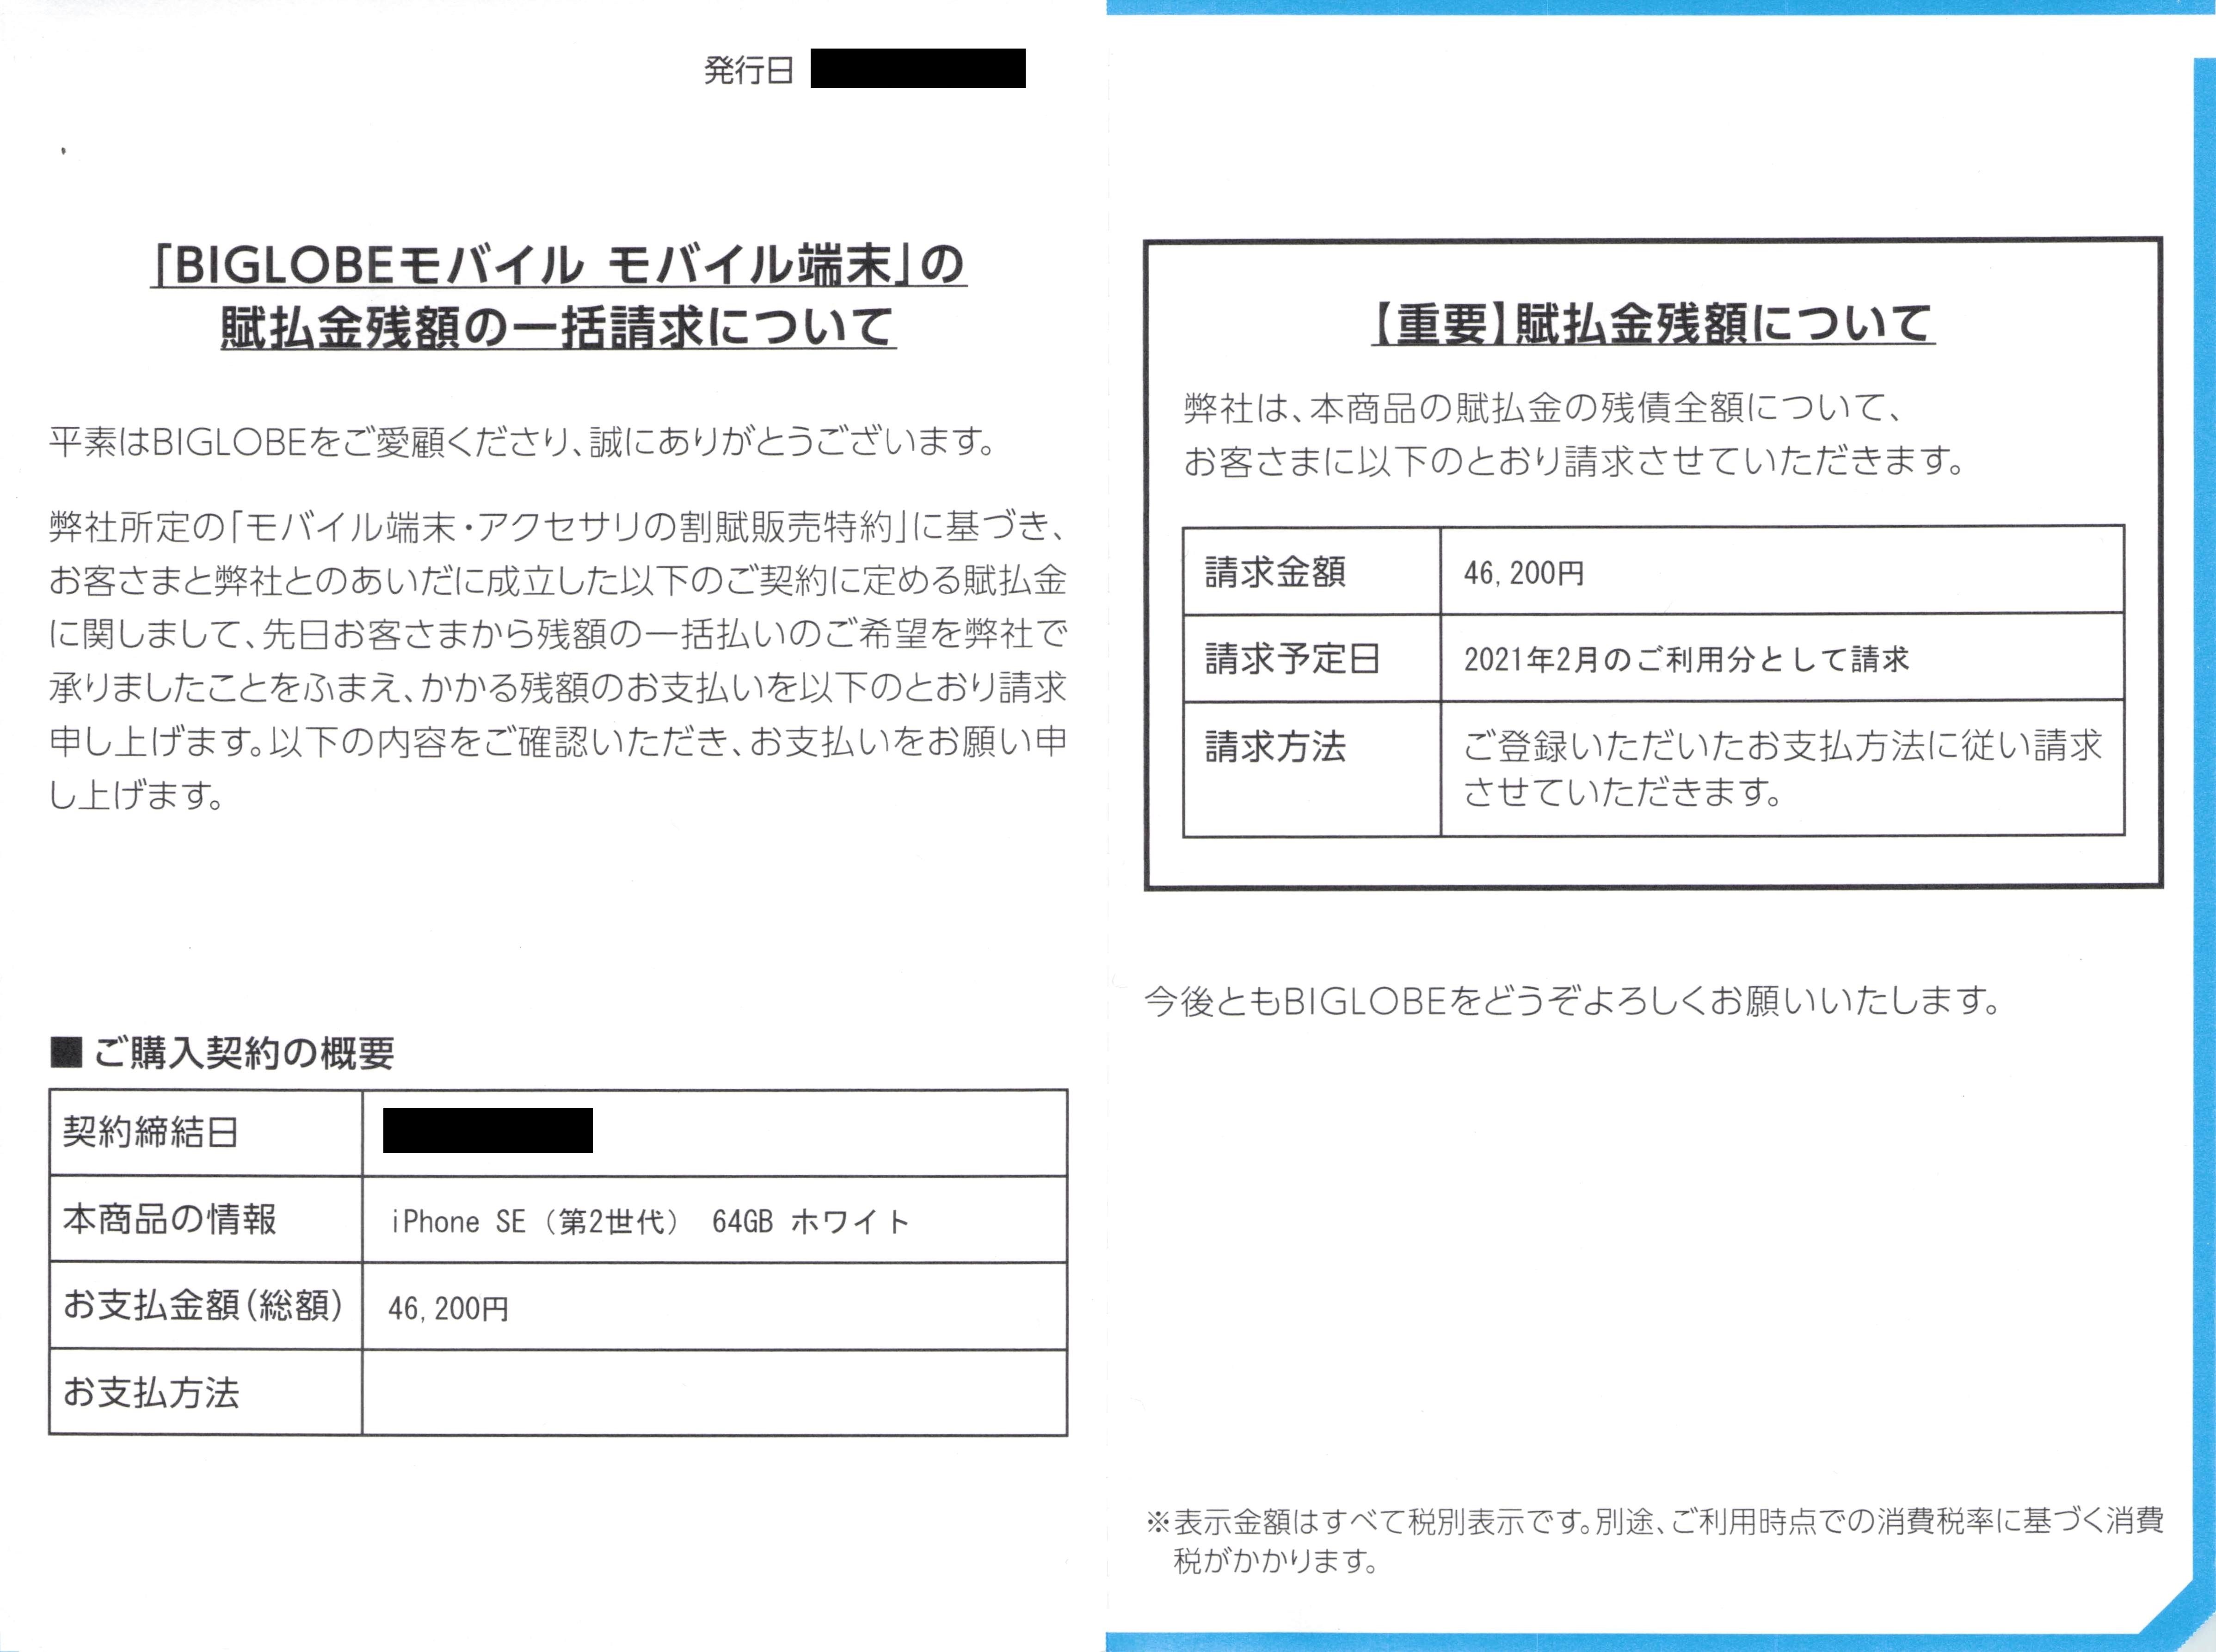 「BIGLOBEモバイル モバイル端末」の賦払金残額の一括請求について